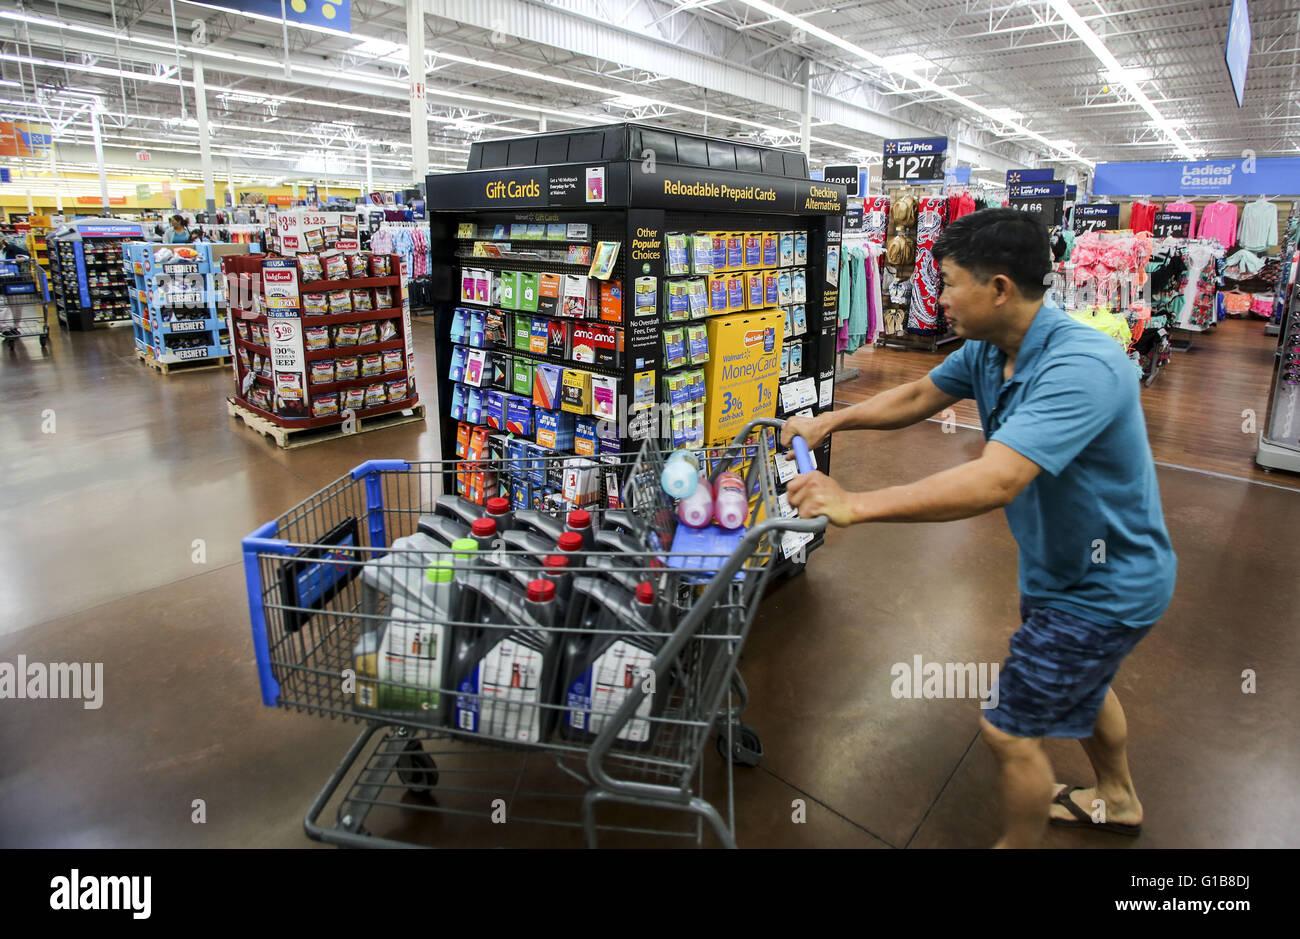 Beste Walmart Kabel Draht Ideen - Elektrische Schaltplan-Ideen ...